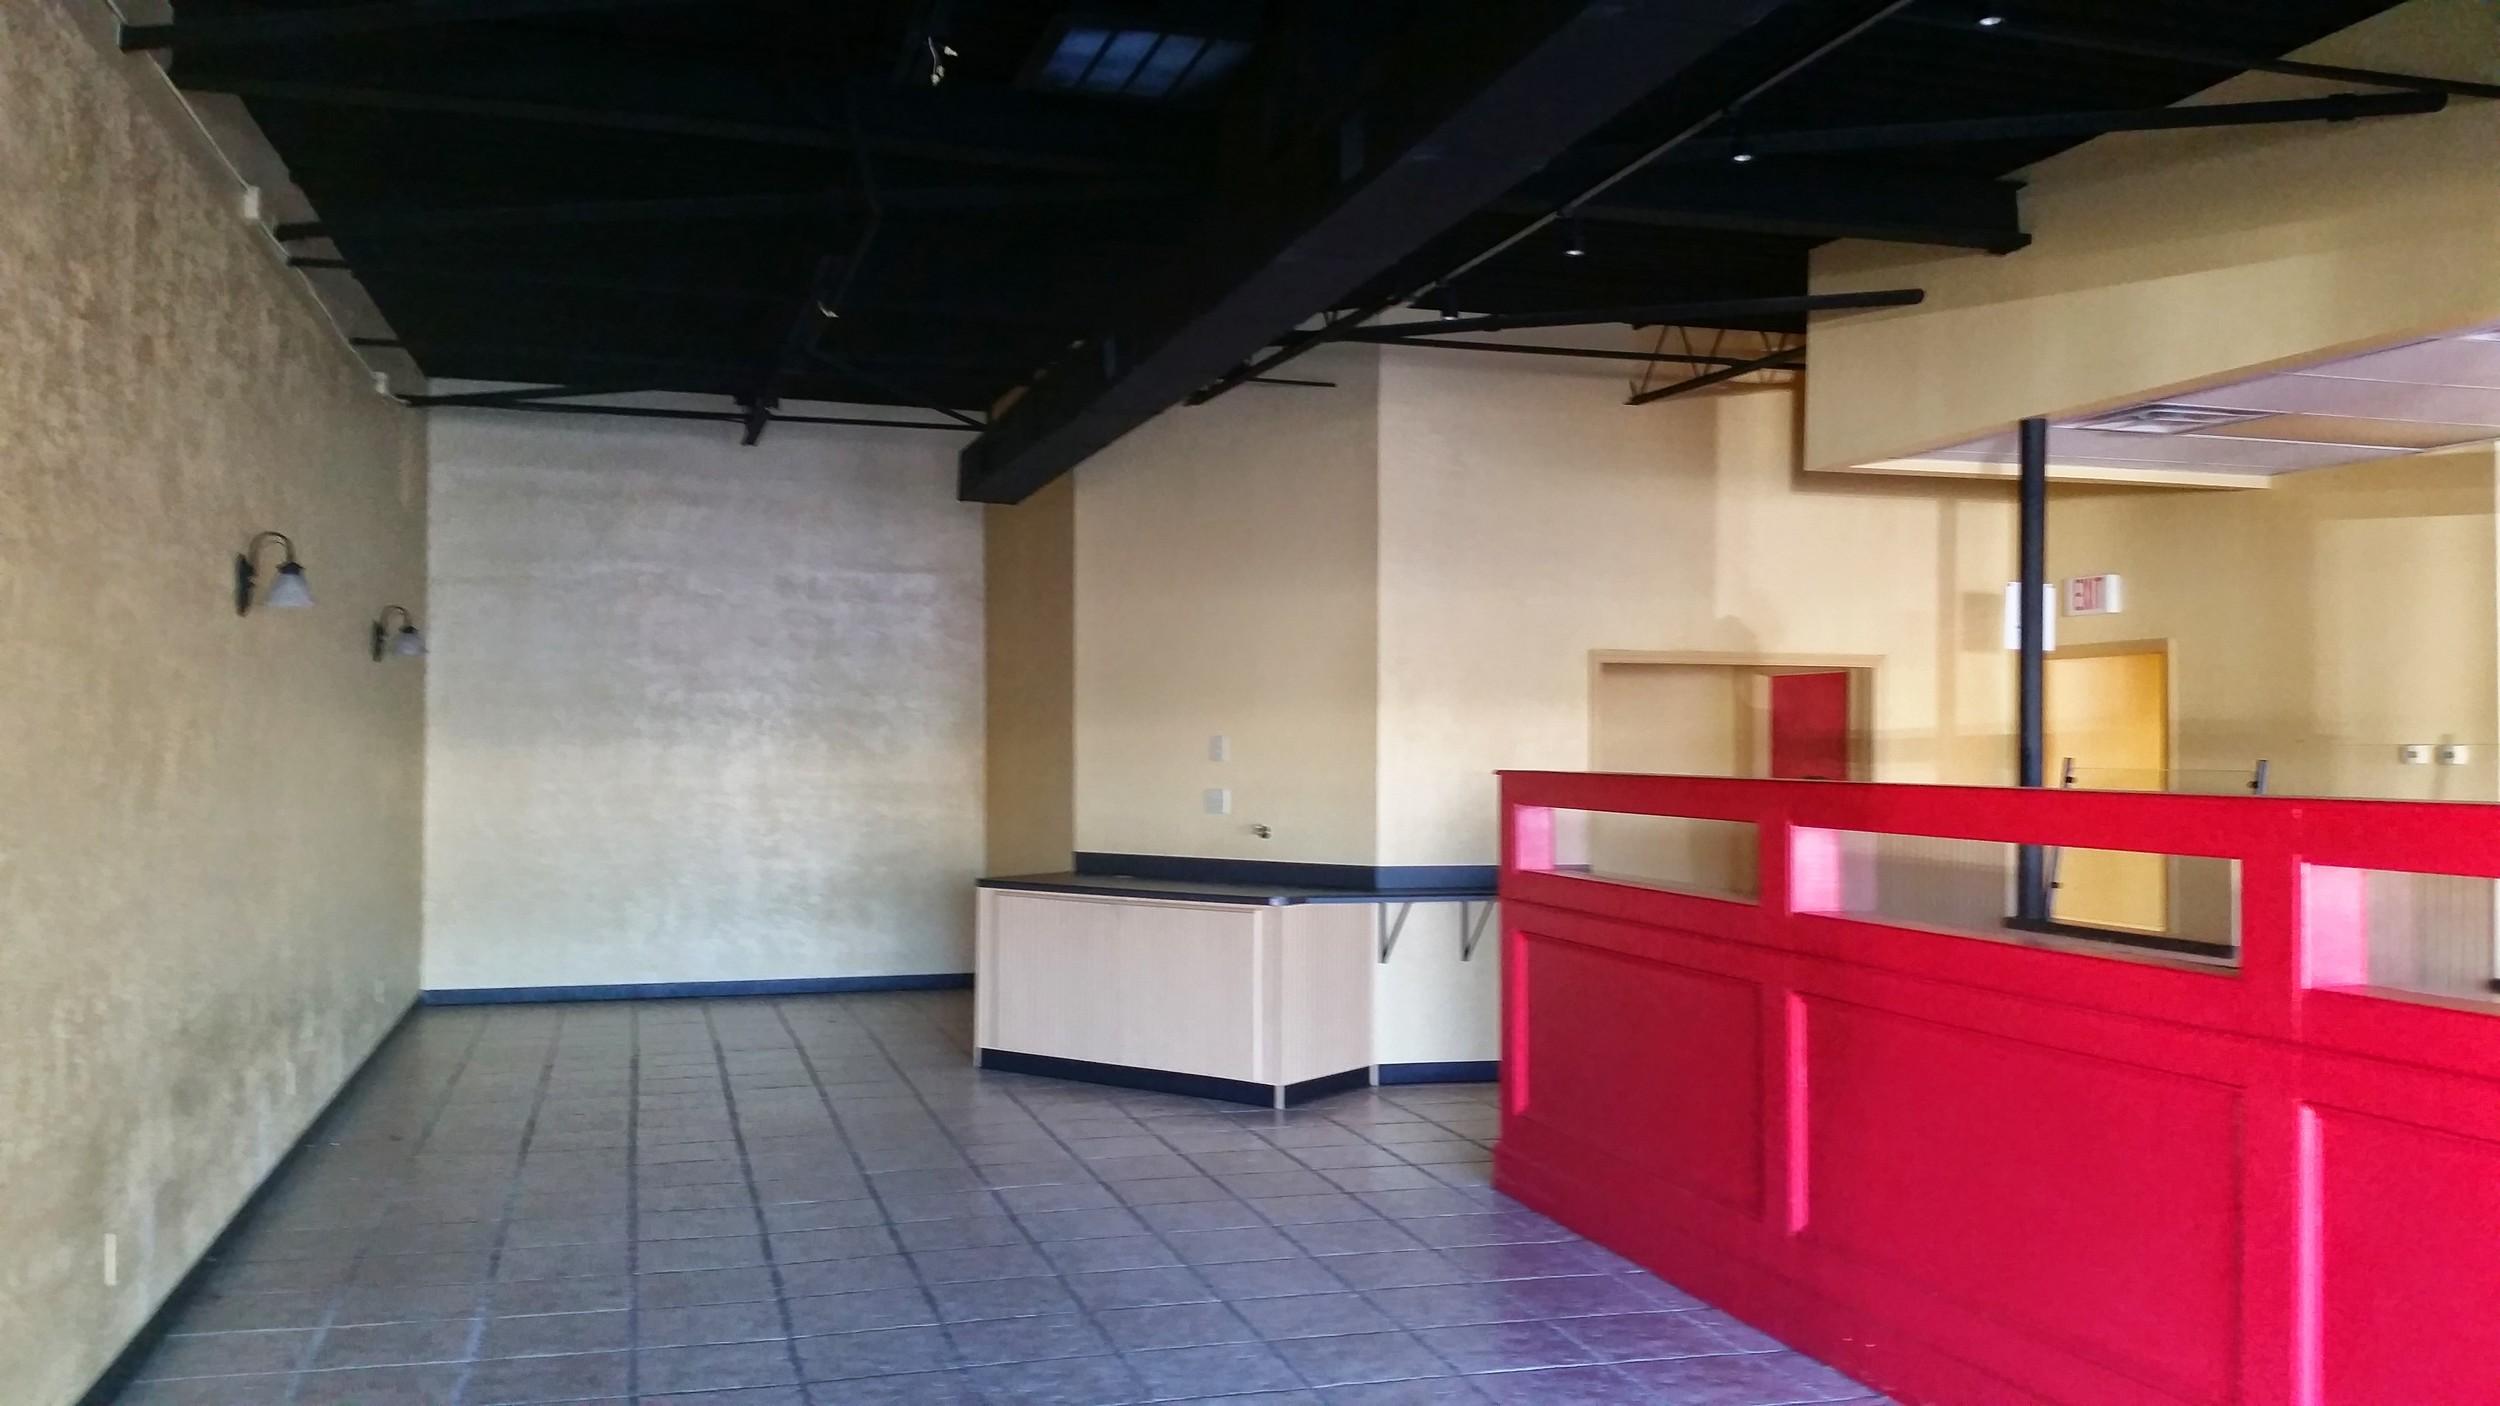 Store Inside 01.jpg